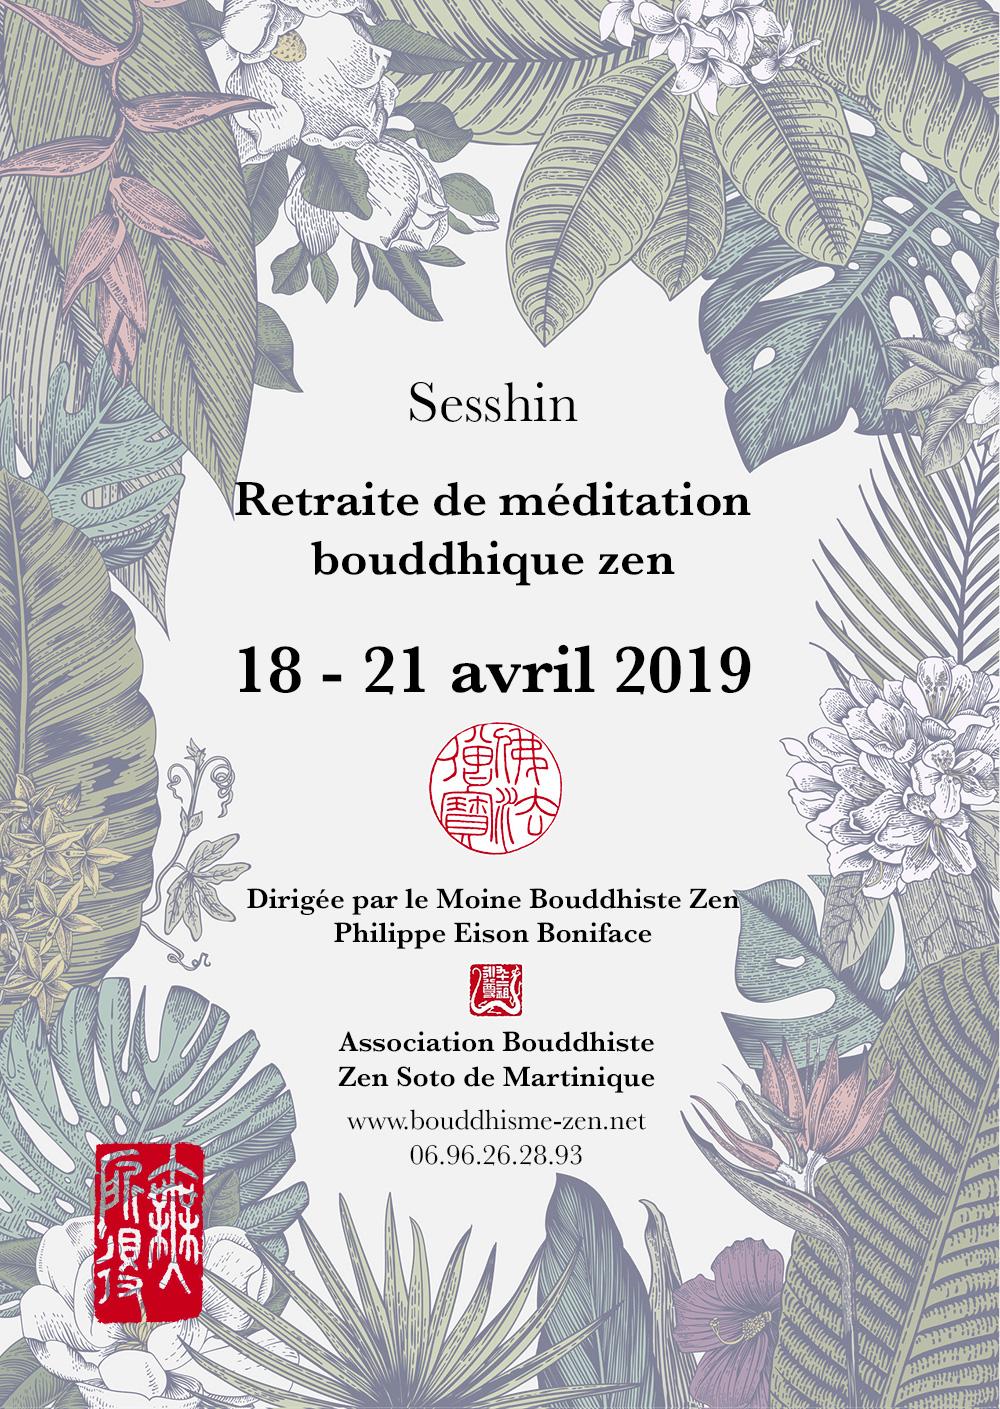 Sesshin d' Avril 2019 - Retraite de méditation bouddhiste Zen - du 18 avril au 21 avril 2019 - dirigée par Philippe Eison Boniface